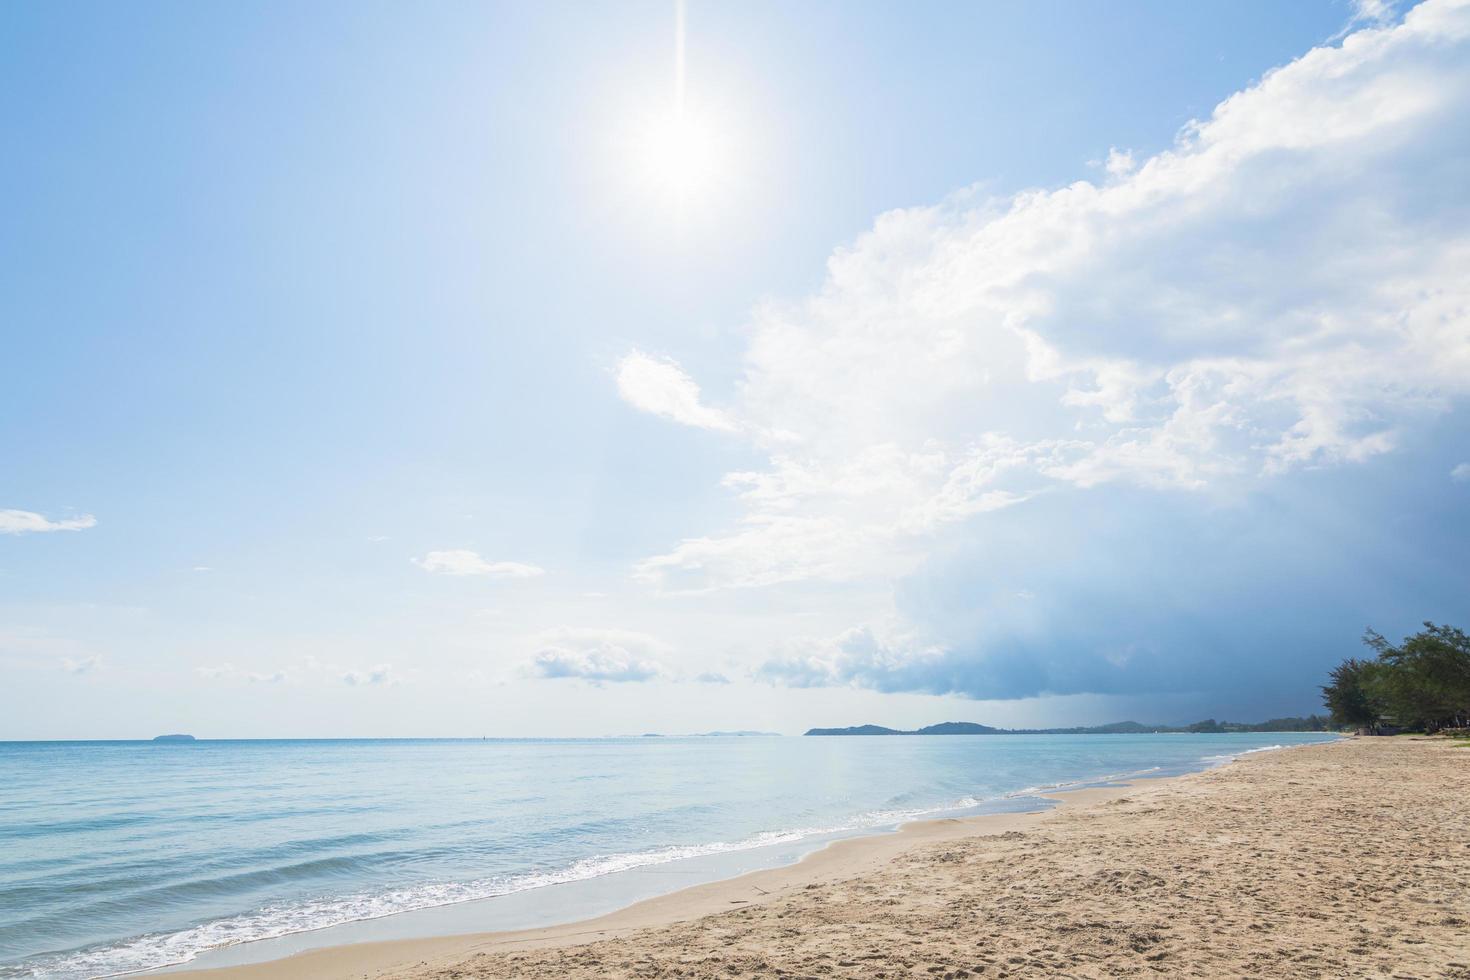 Blick auf den Strand und den klaren Himmel foto